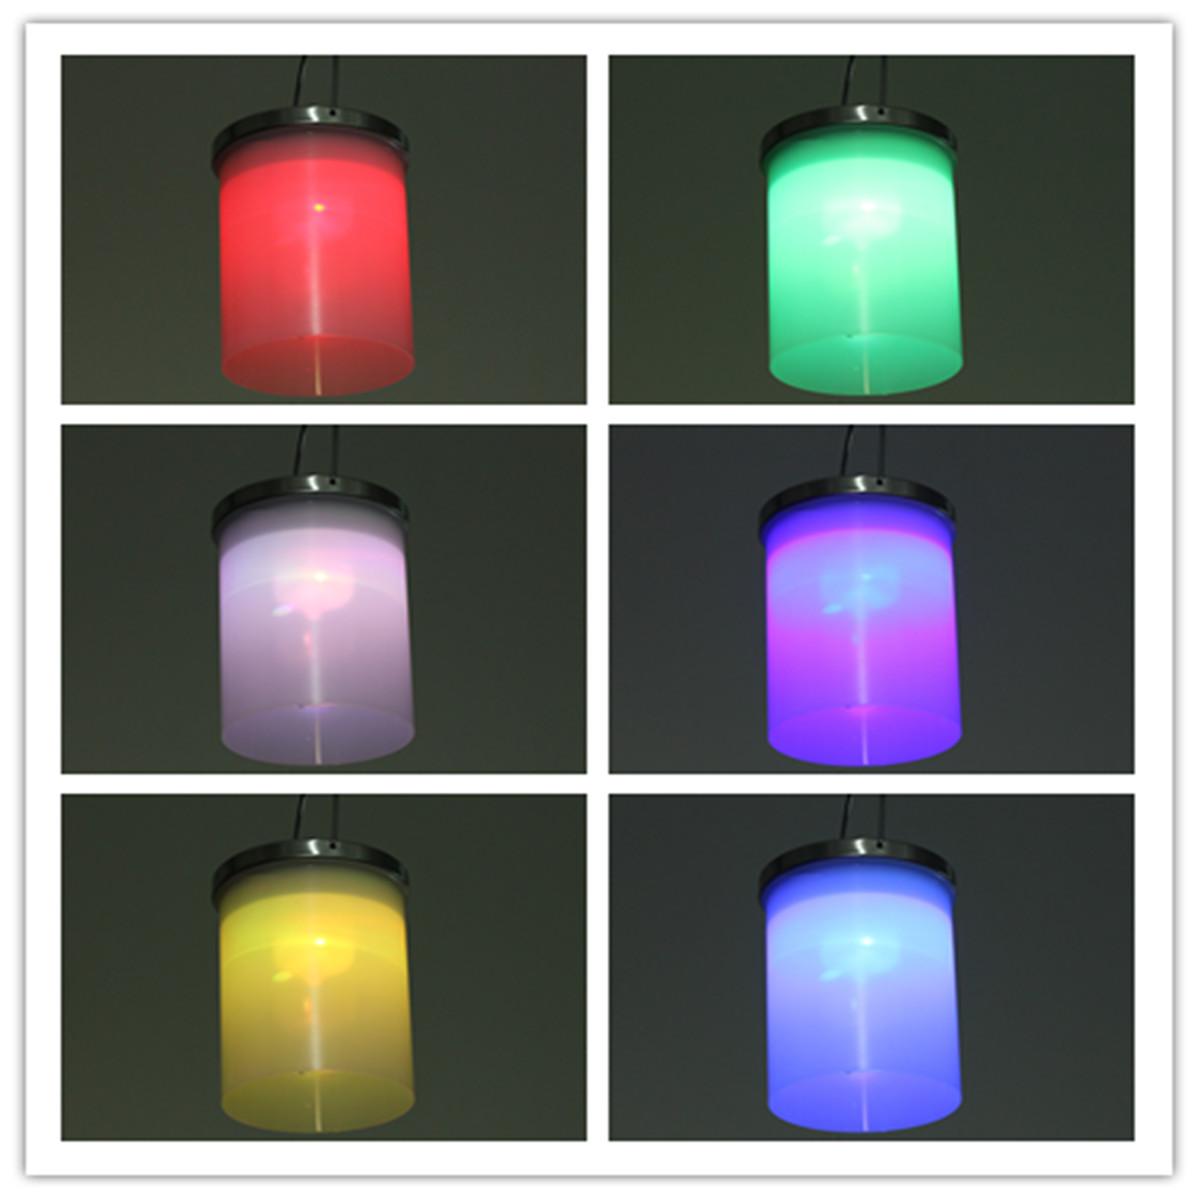 Solar Powered Hanging Cylinder Outdoor Light LED Landscape Lantern Lamp 3 Color